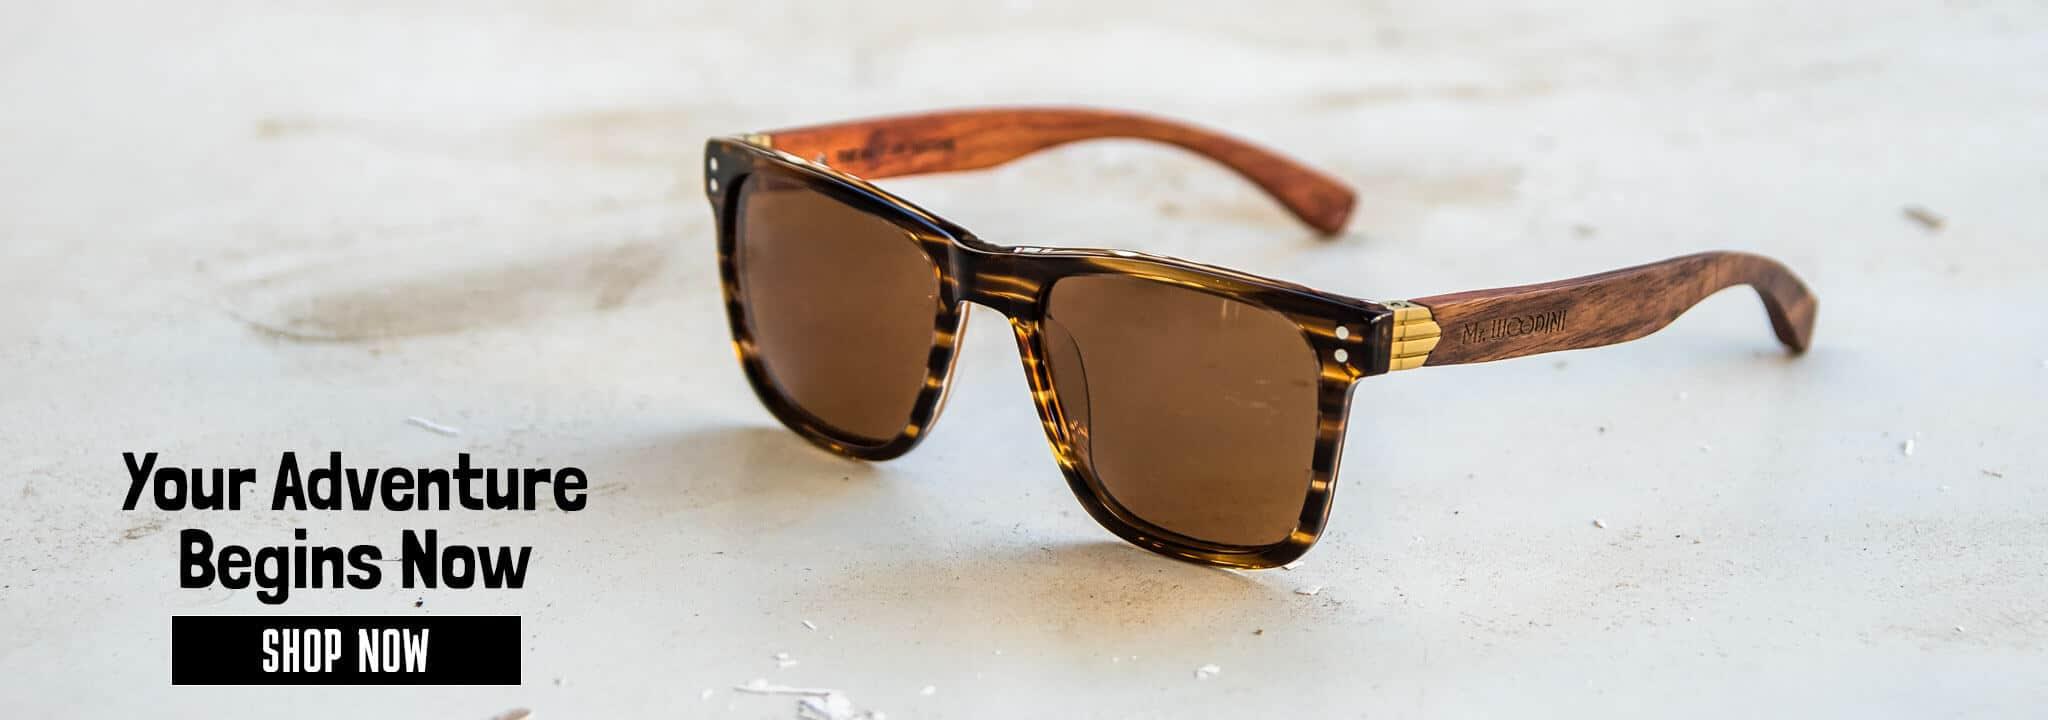 Mr. Woodini - sustainable sunglasses